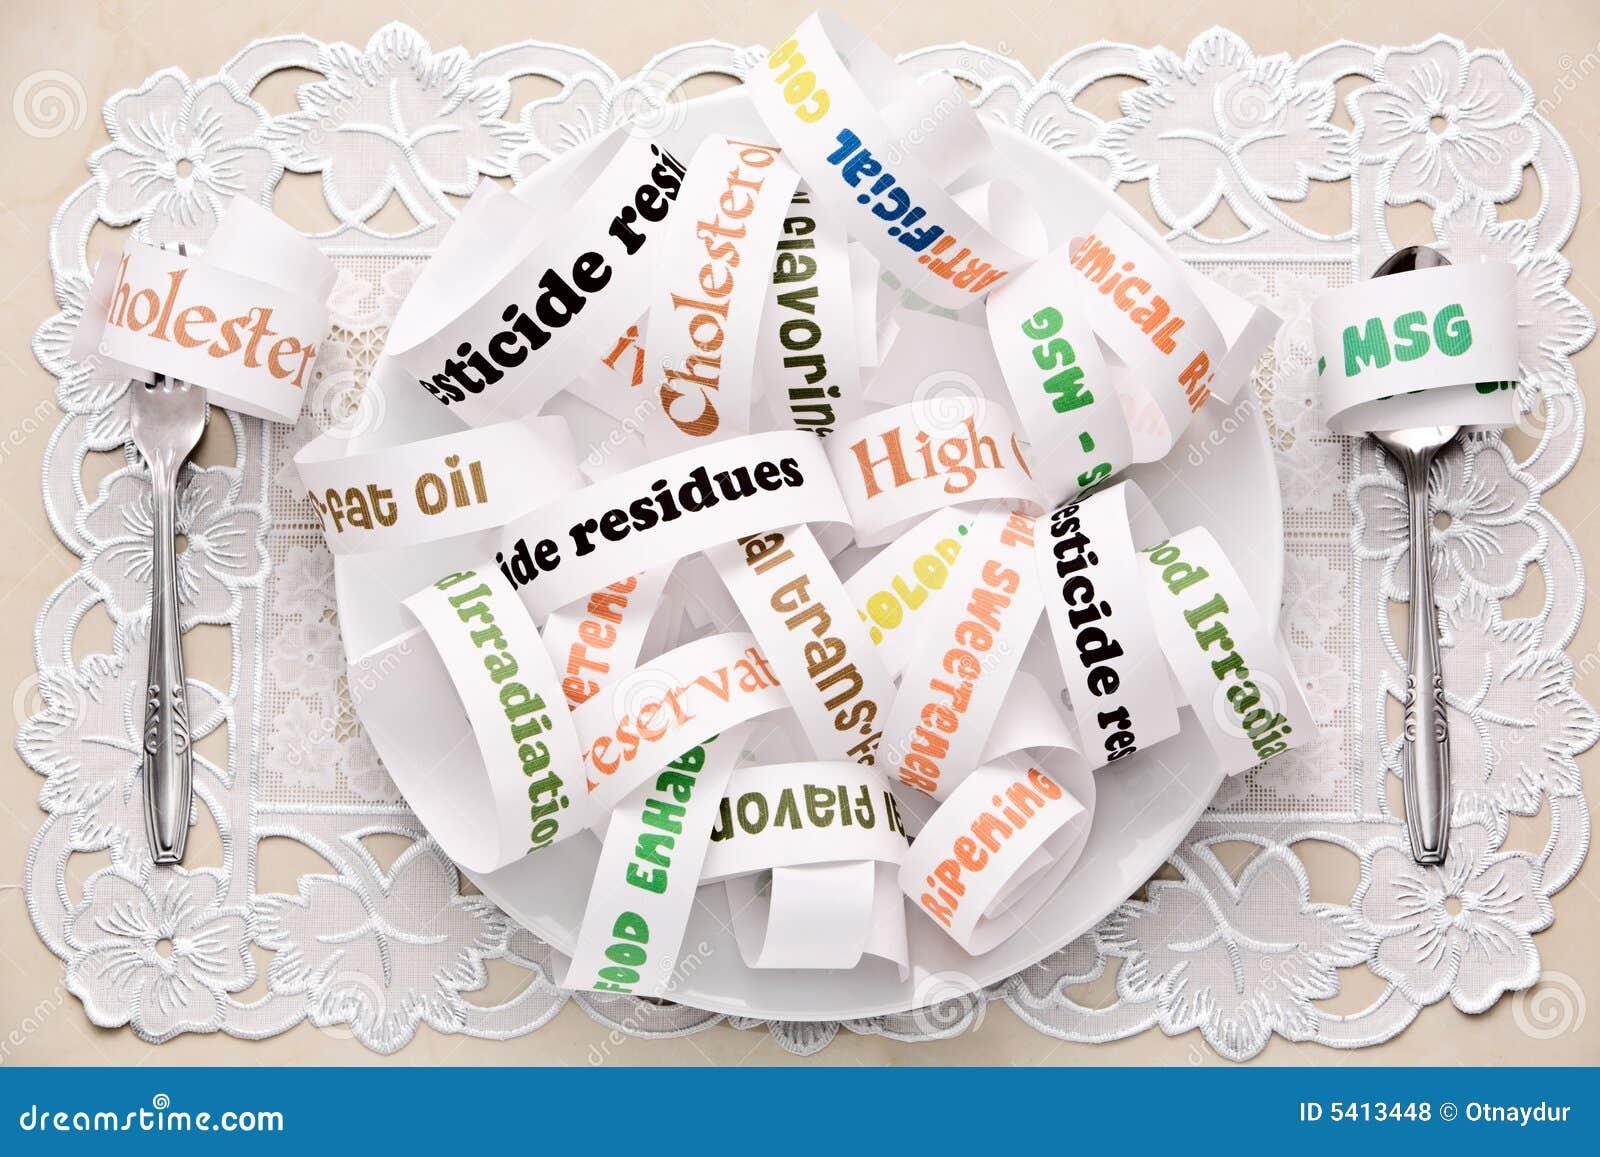 Ingredientes alimentarios diarios que la mayoría de la gente come